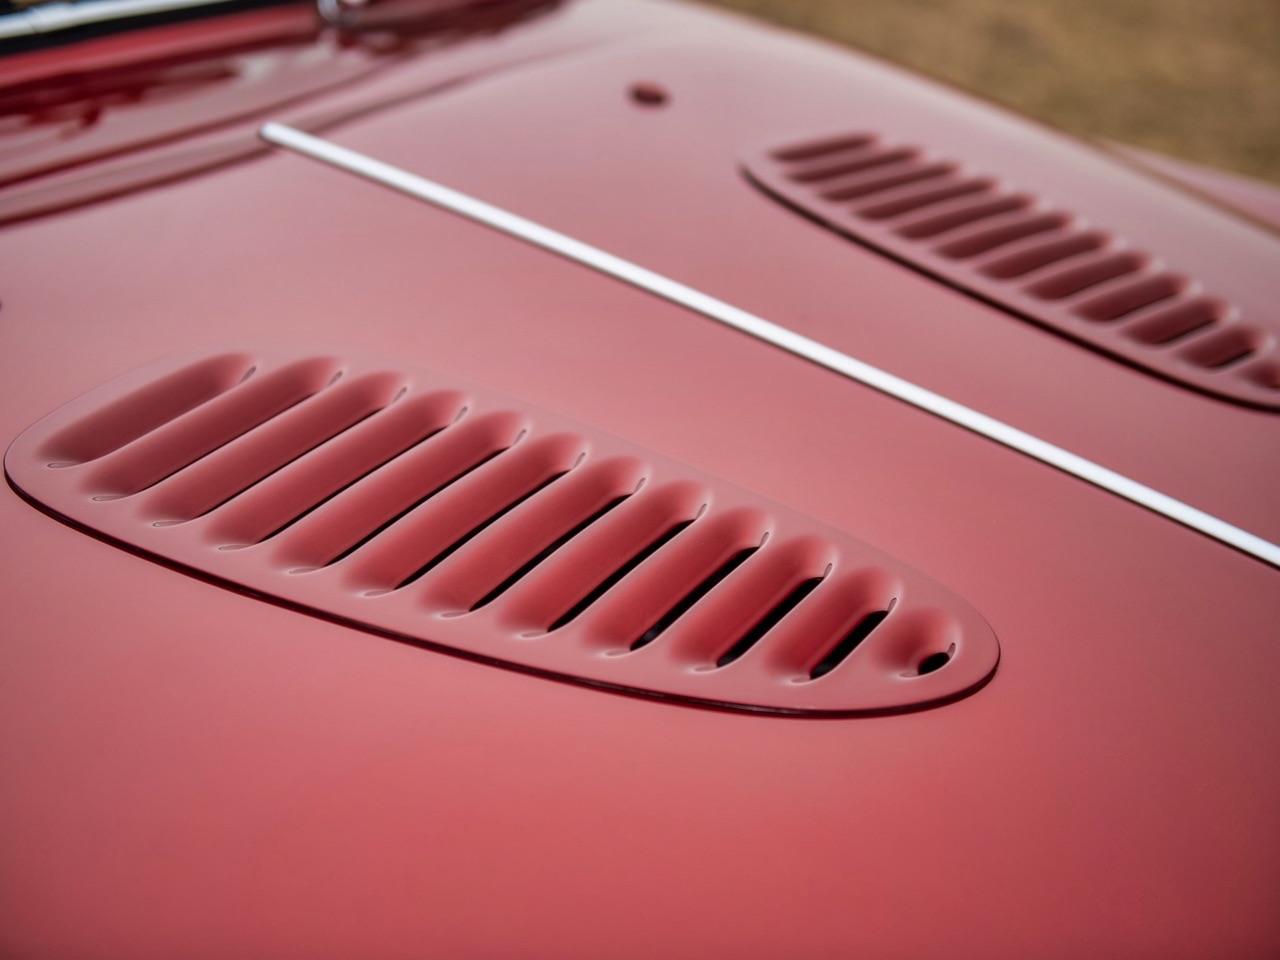 Restomod Jaguar MkII 3.8... enfin, plutôt Beacham V8 Supercharged ! 8